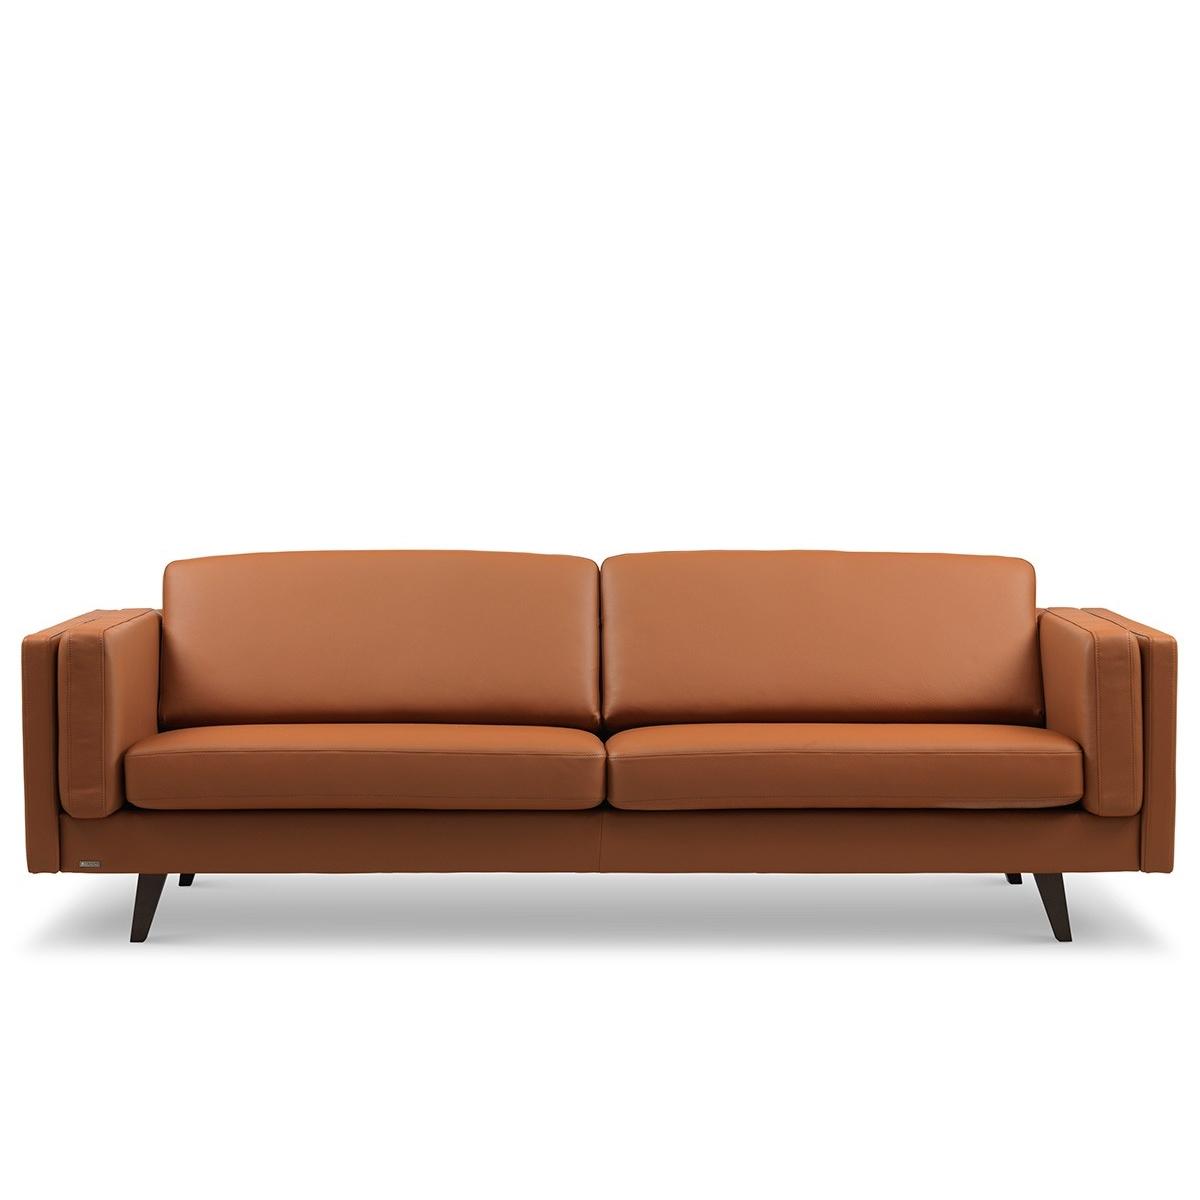 Brunstad Weston sofa 3 personers Cognac